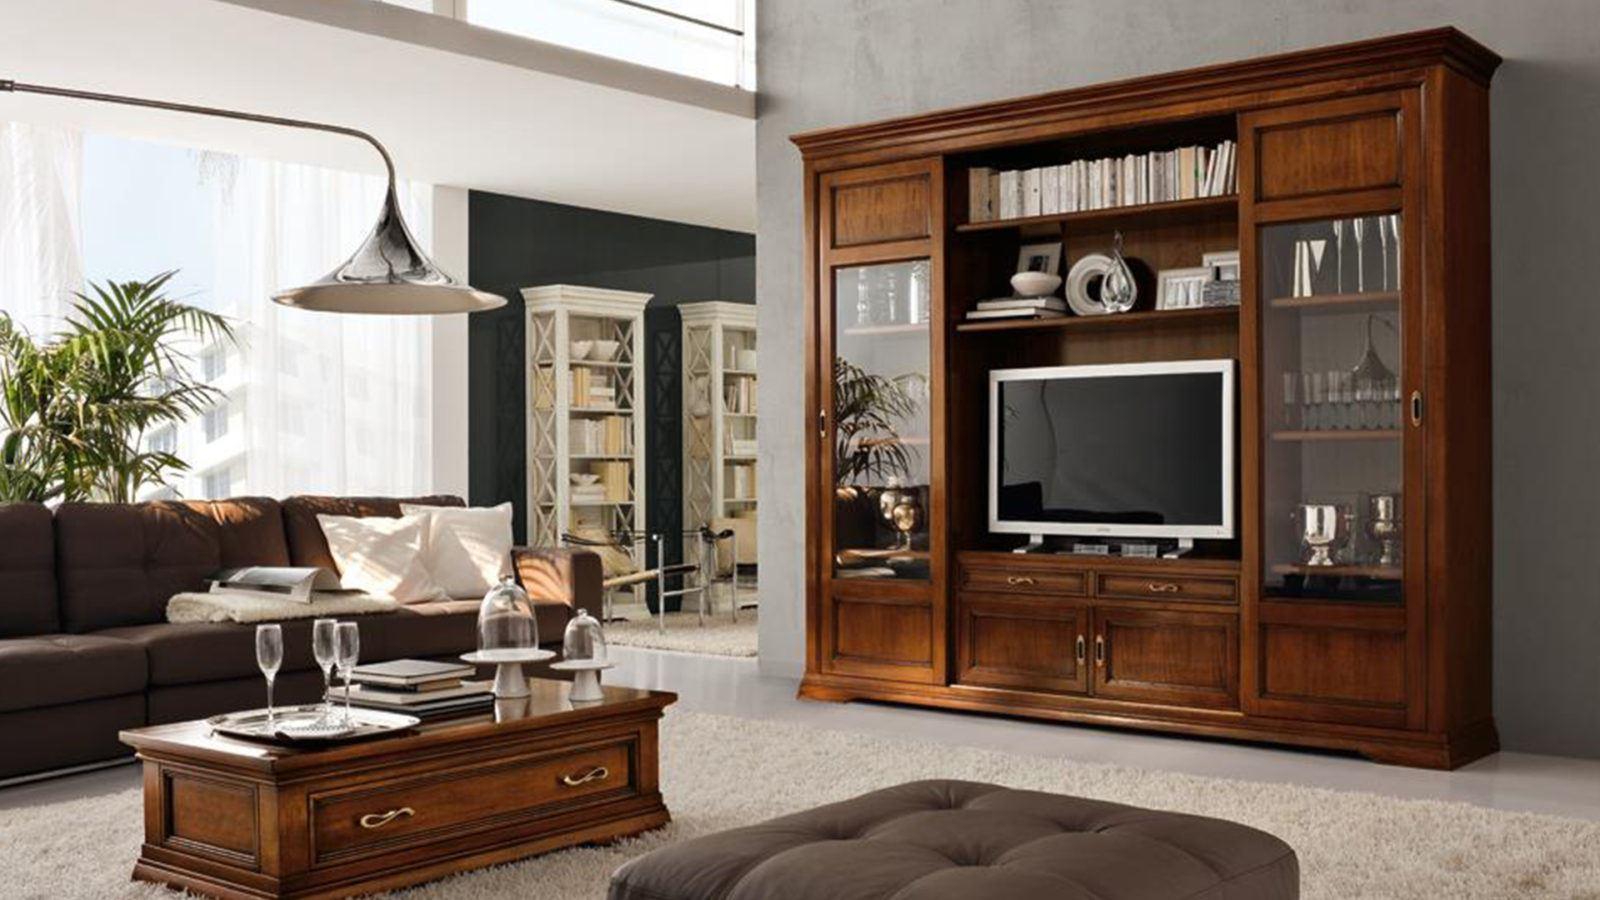 157 Arredamento Soggiorno Prezzi - mobili soggiorno a prezzi ...